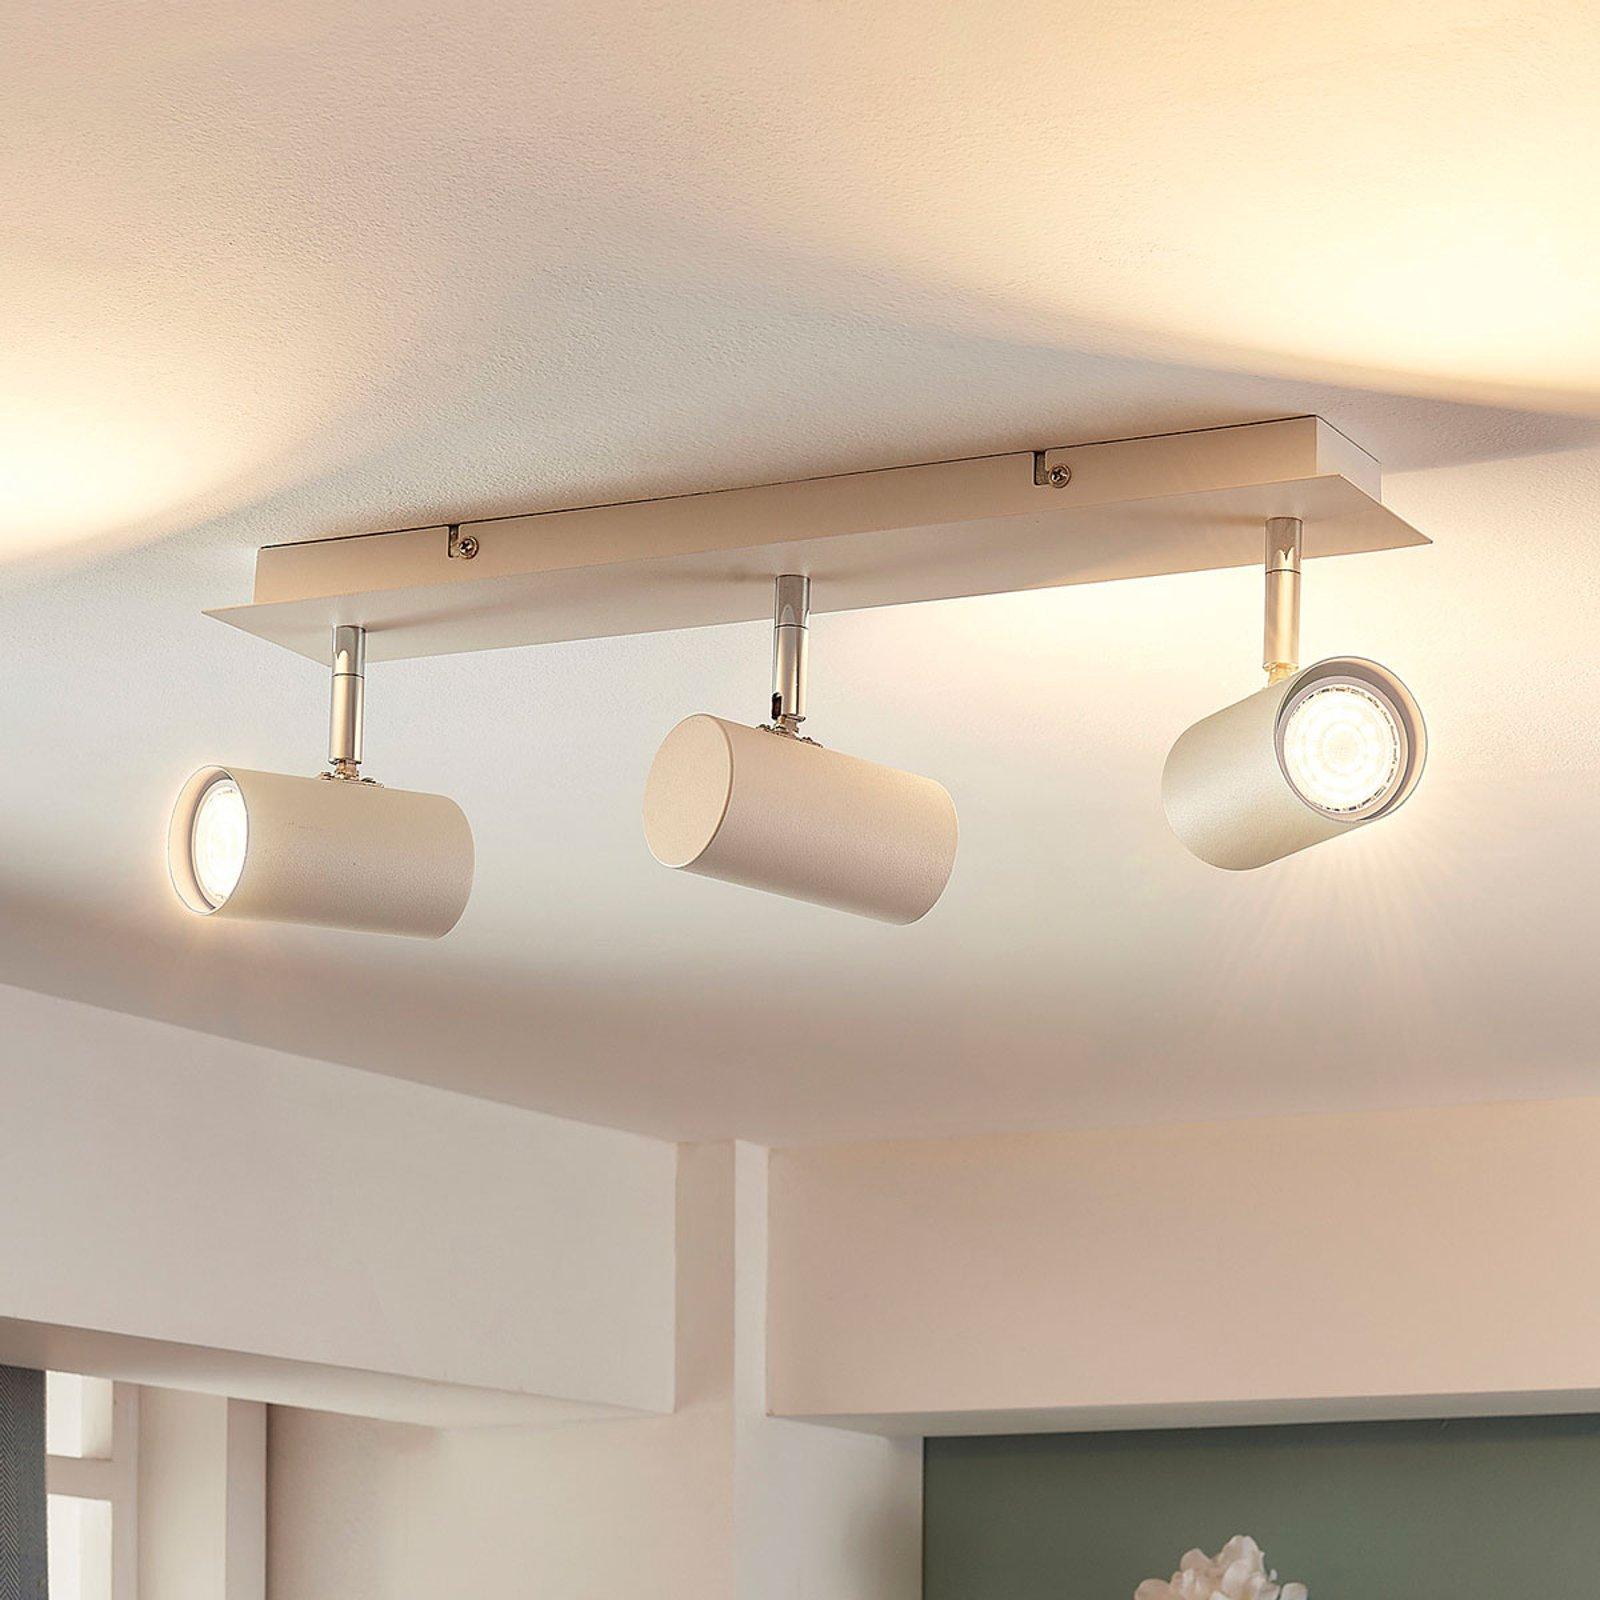 LED-taklampe Iluk i hvitt, med tre lys